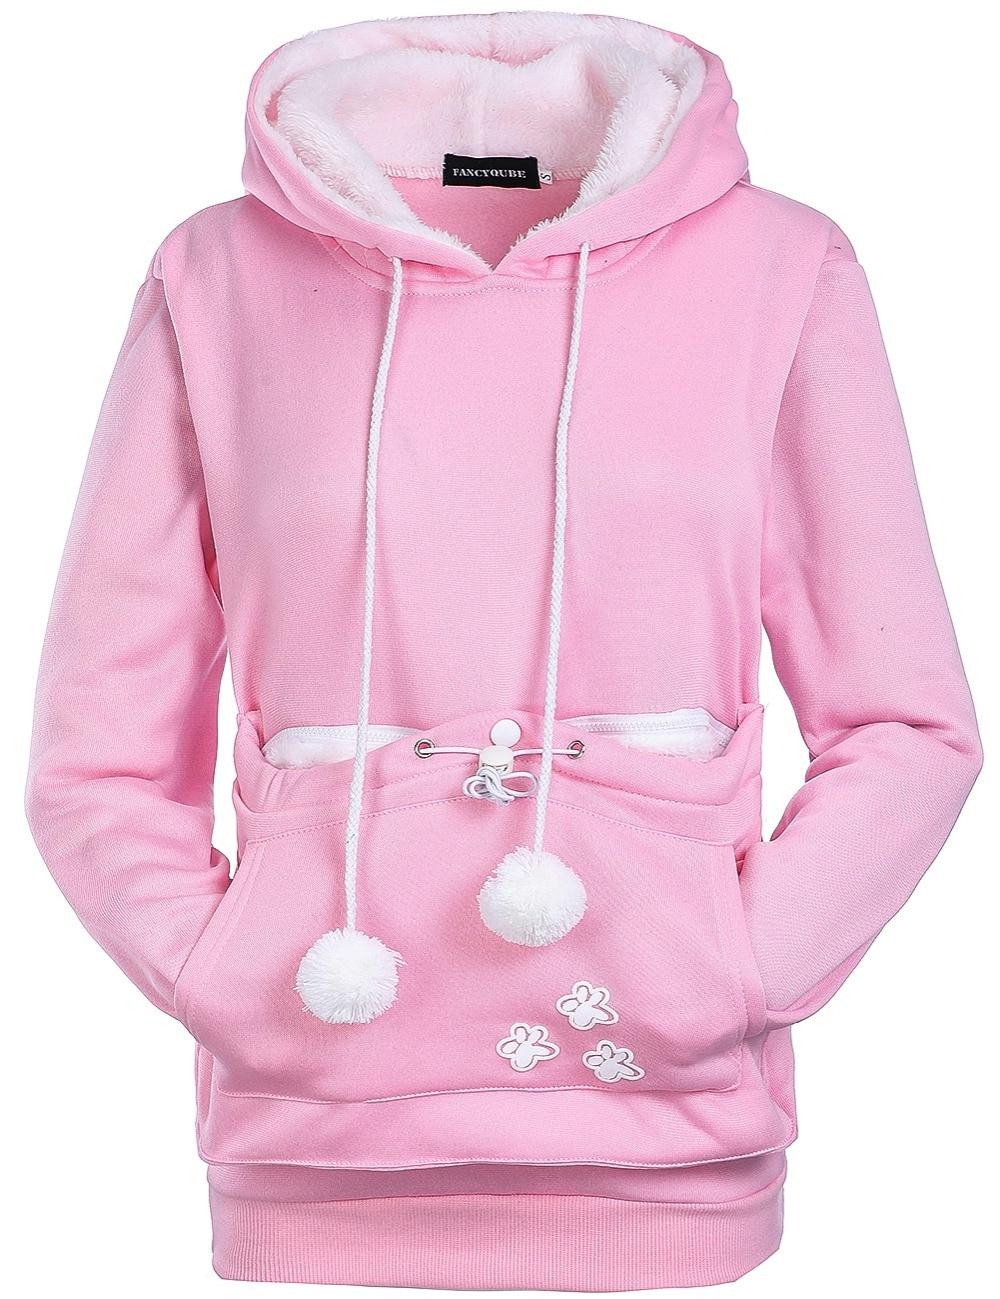 17 New Cartoon Hooded Hoodies Lover Cats Kangaroo Dog Hoodie Long Sleeve Sweatshirt Front Pocket Casual Animal Ear Hoodie 2